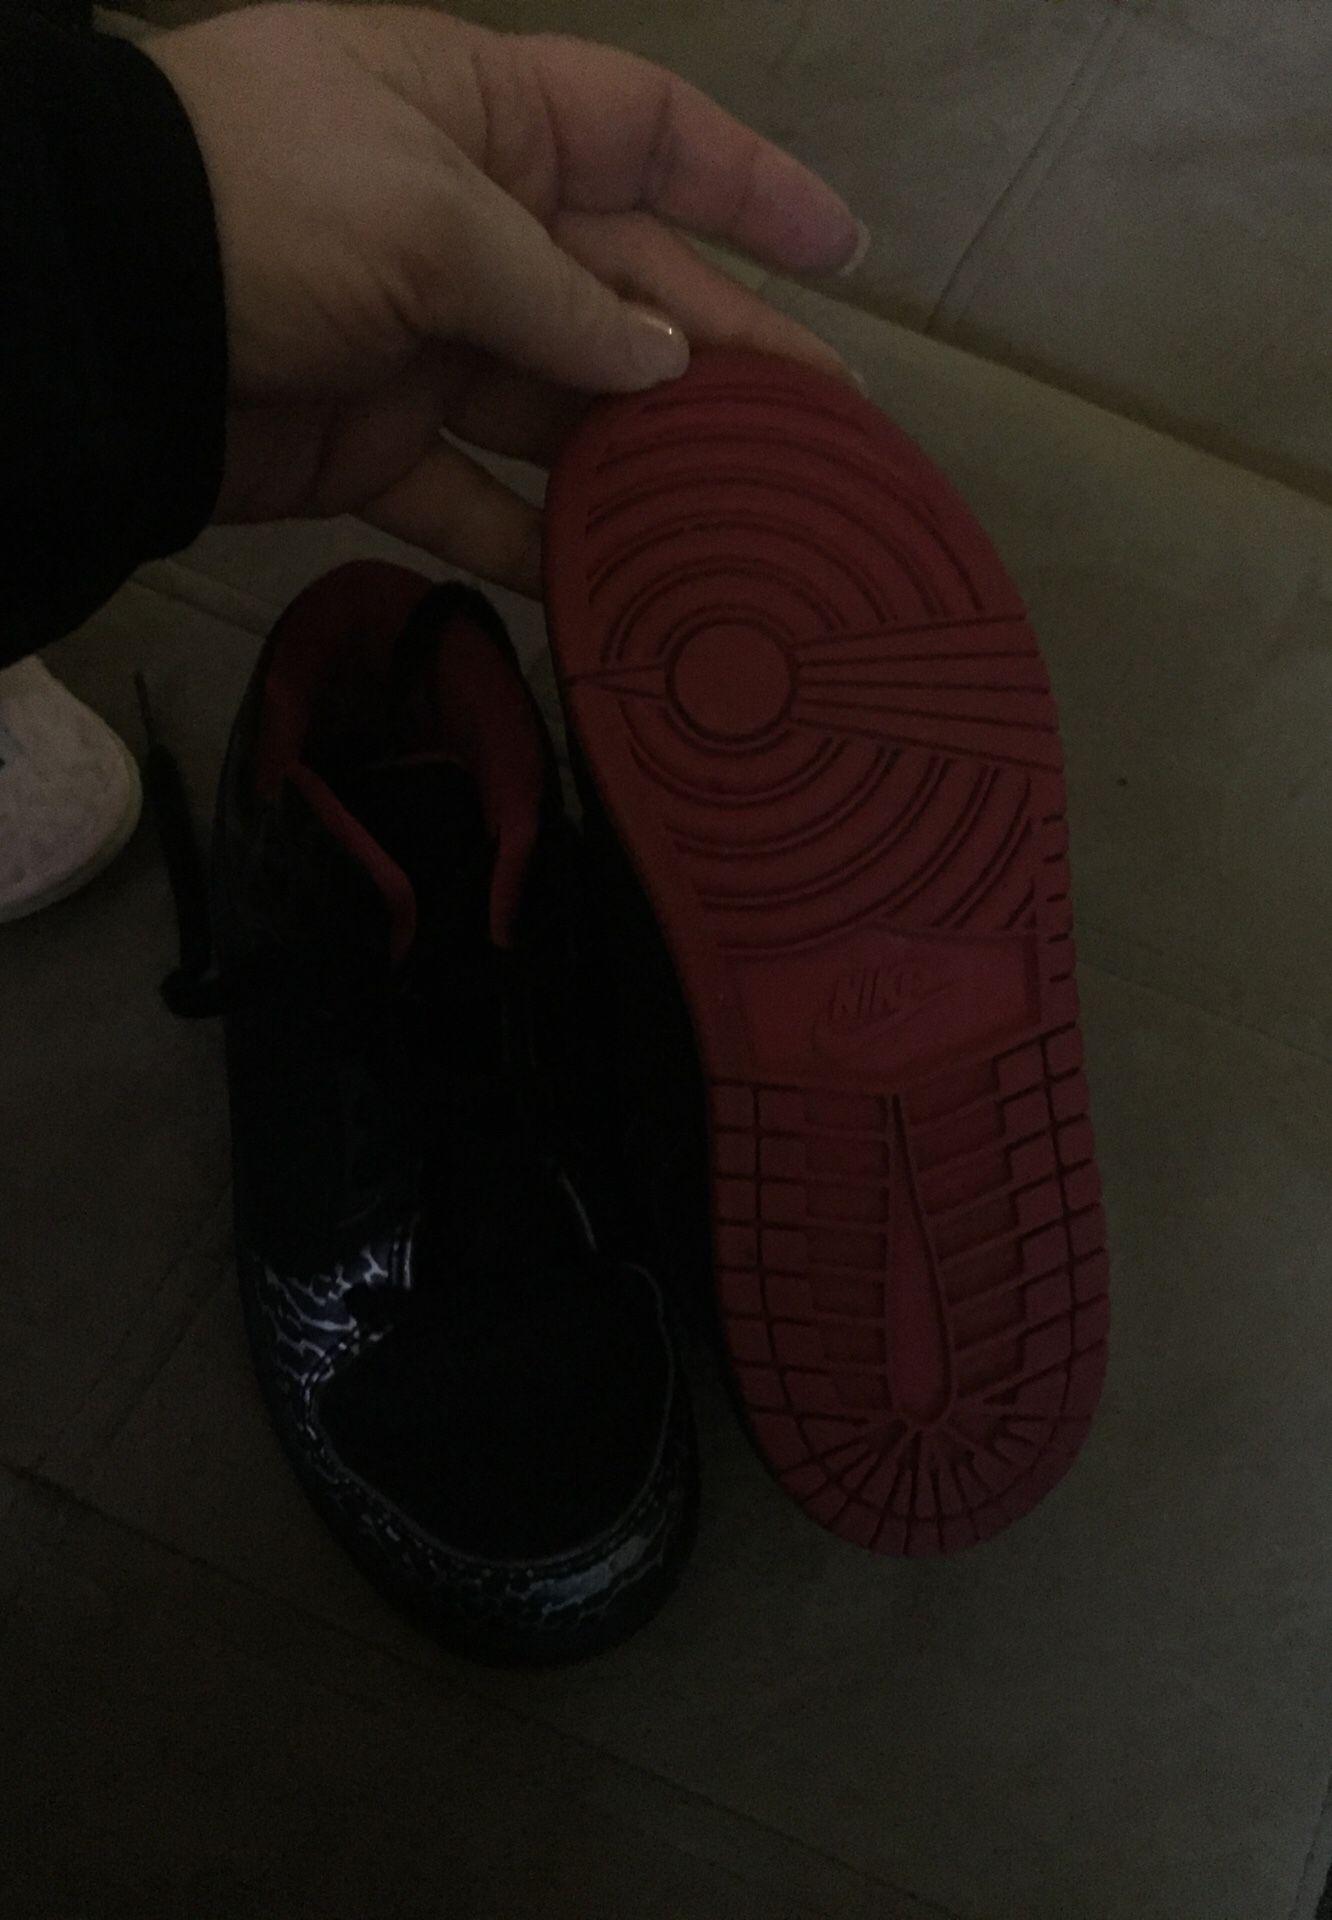 Jordan's size 13 c